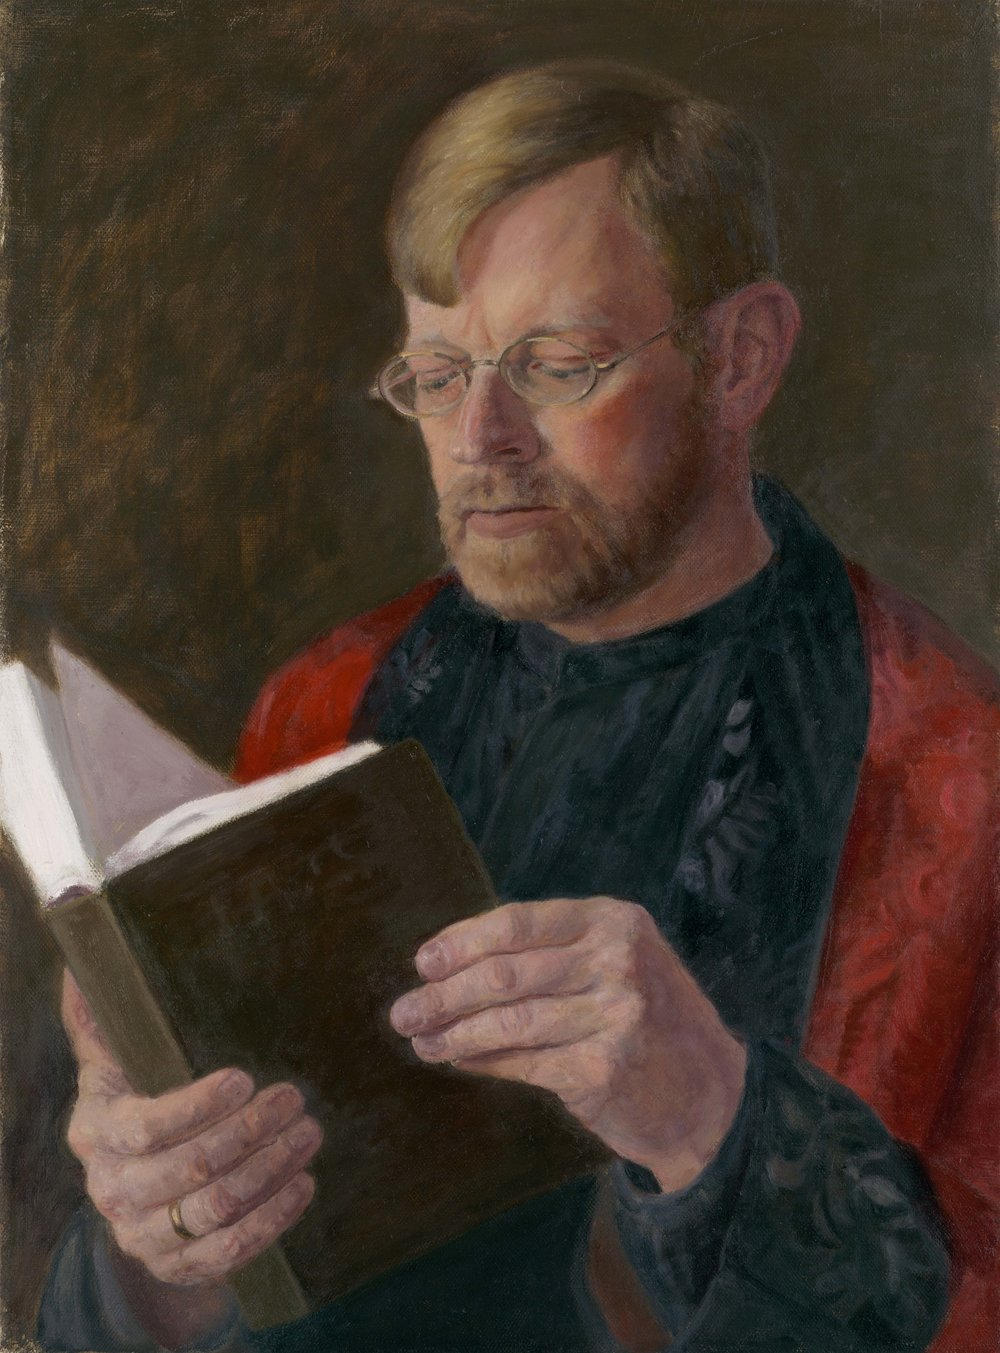 Ed Reading